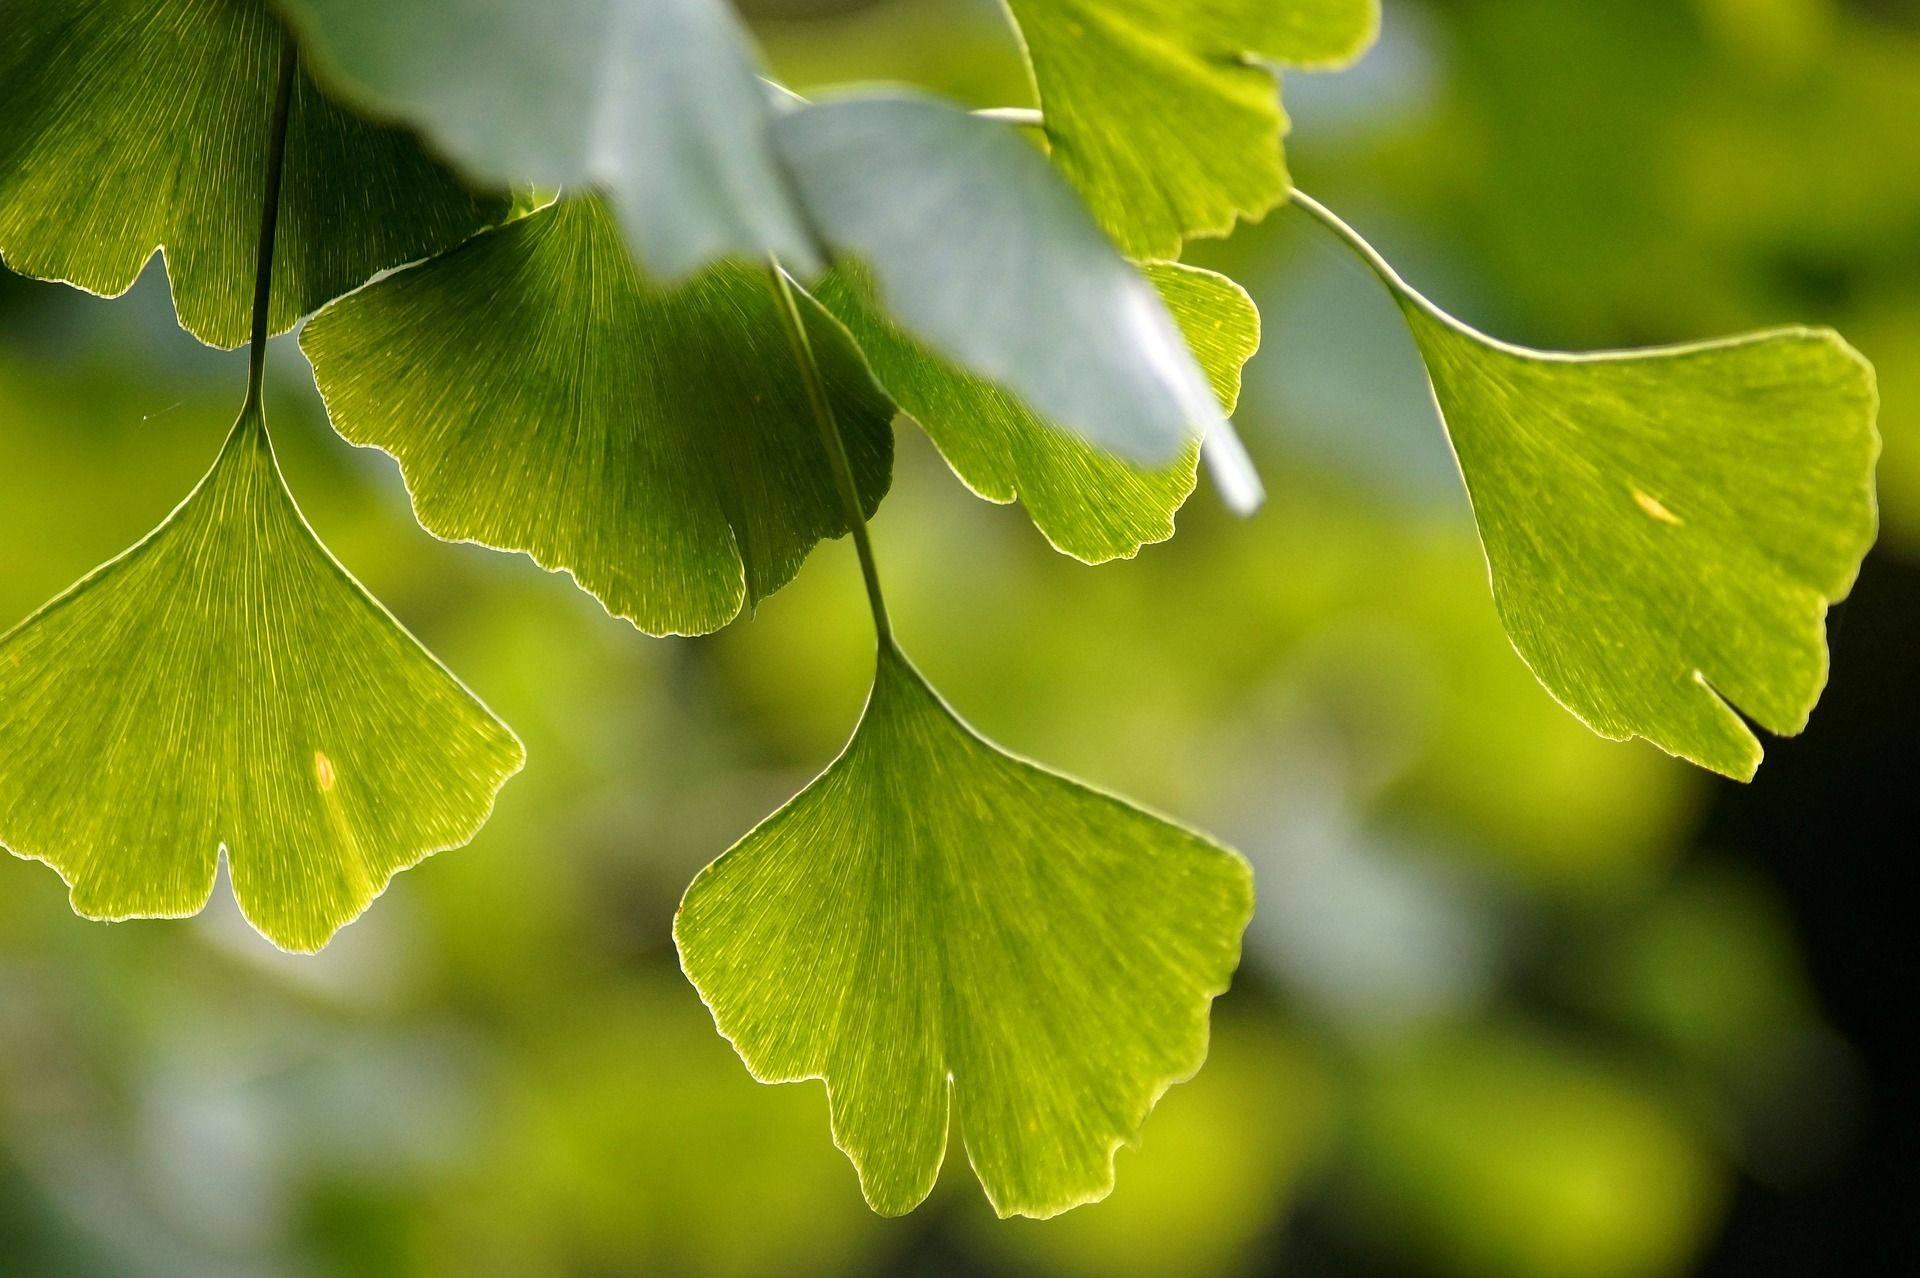 Miłorząb - liście